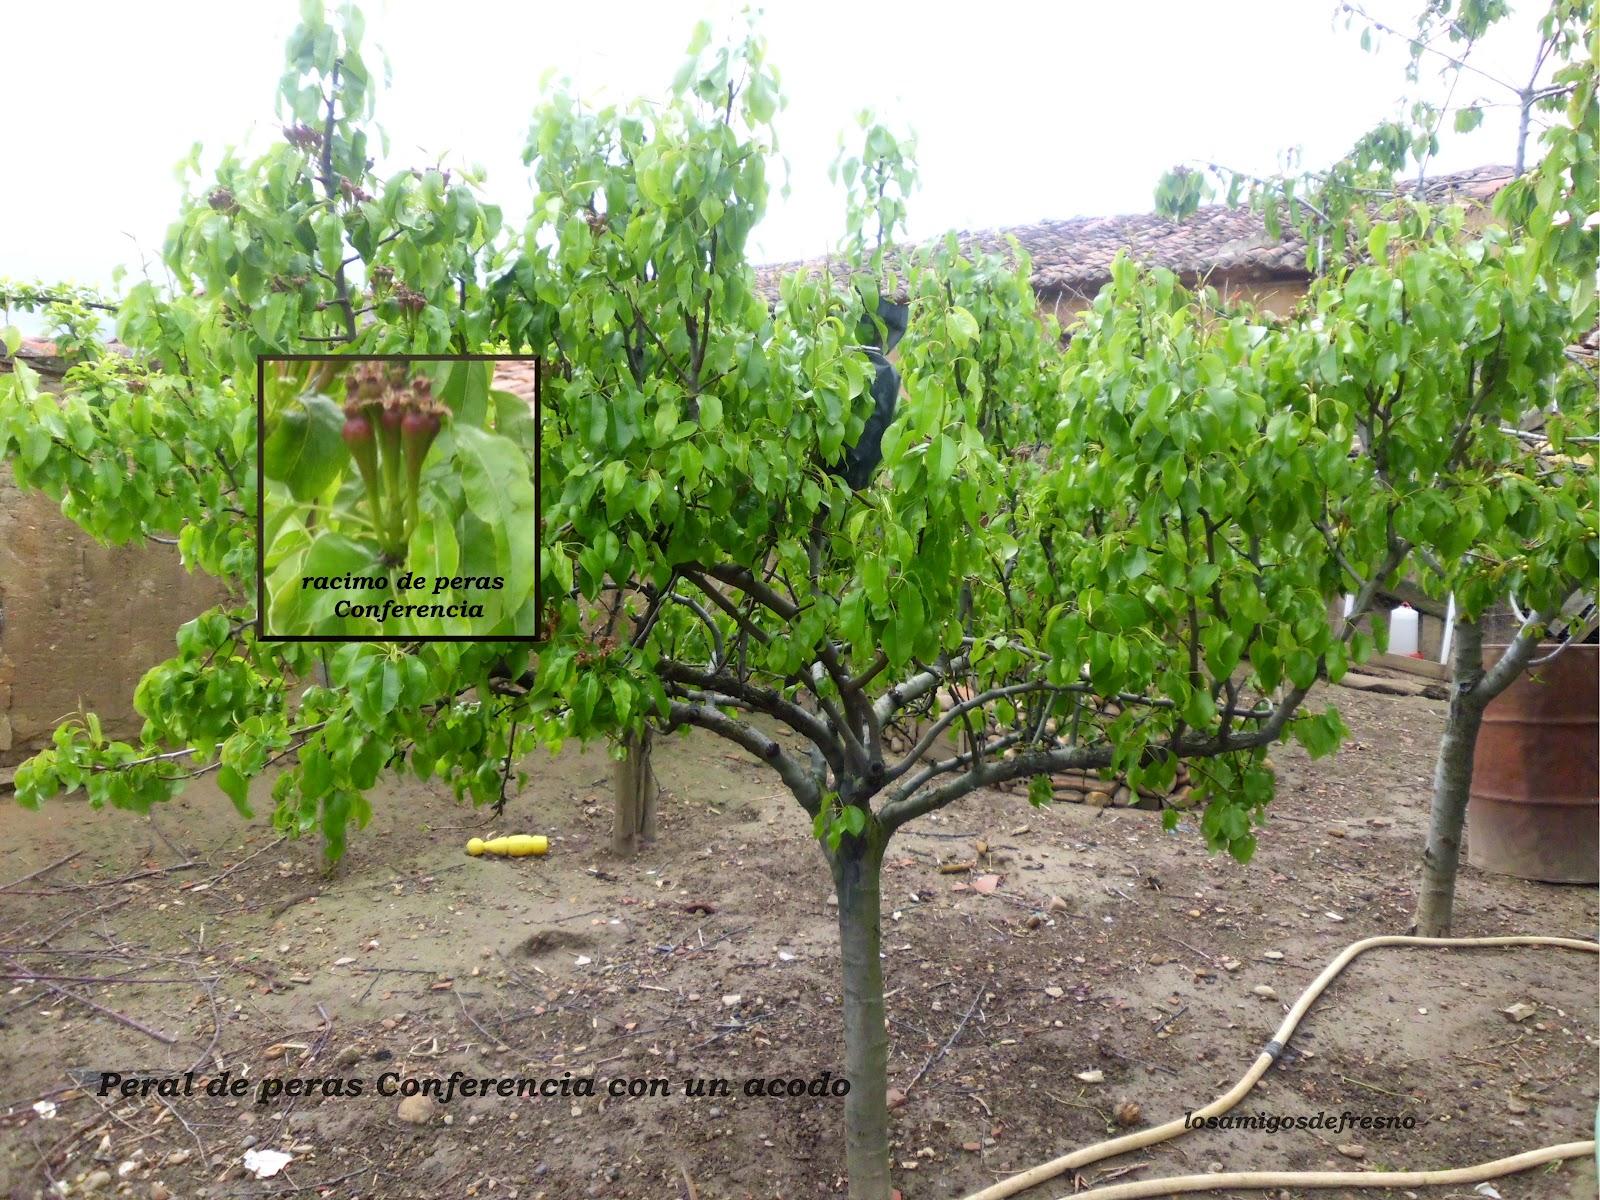 Losamigosdefresno el mundo de pilotos iii el huerto y for Arbustos ornamentales